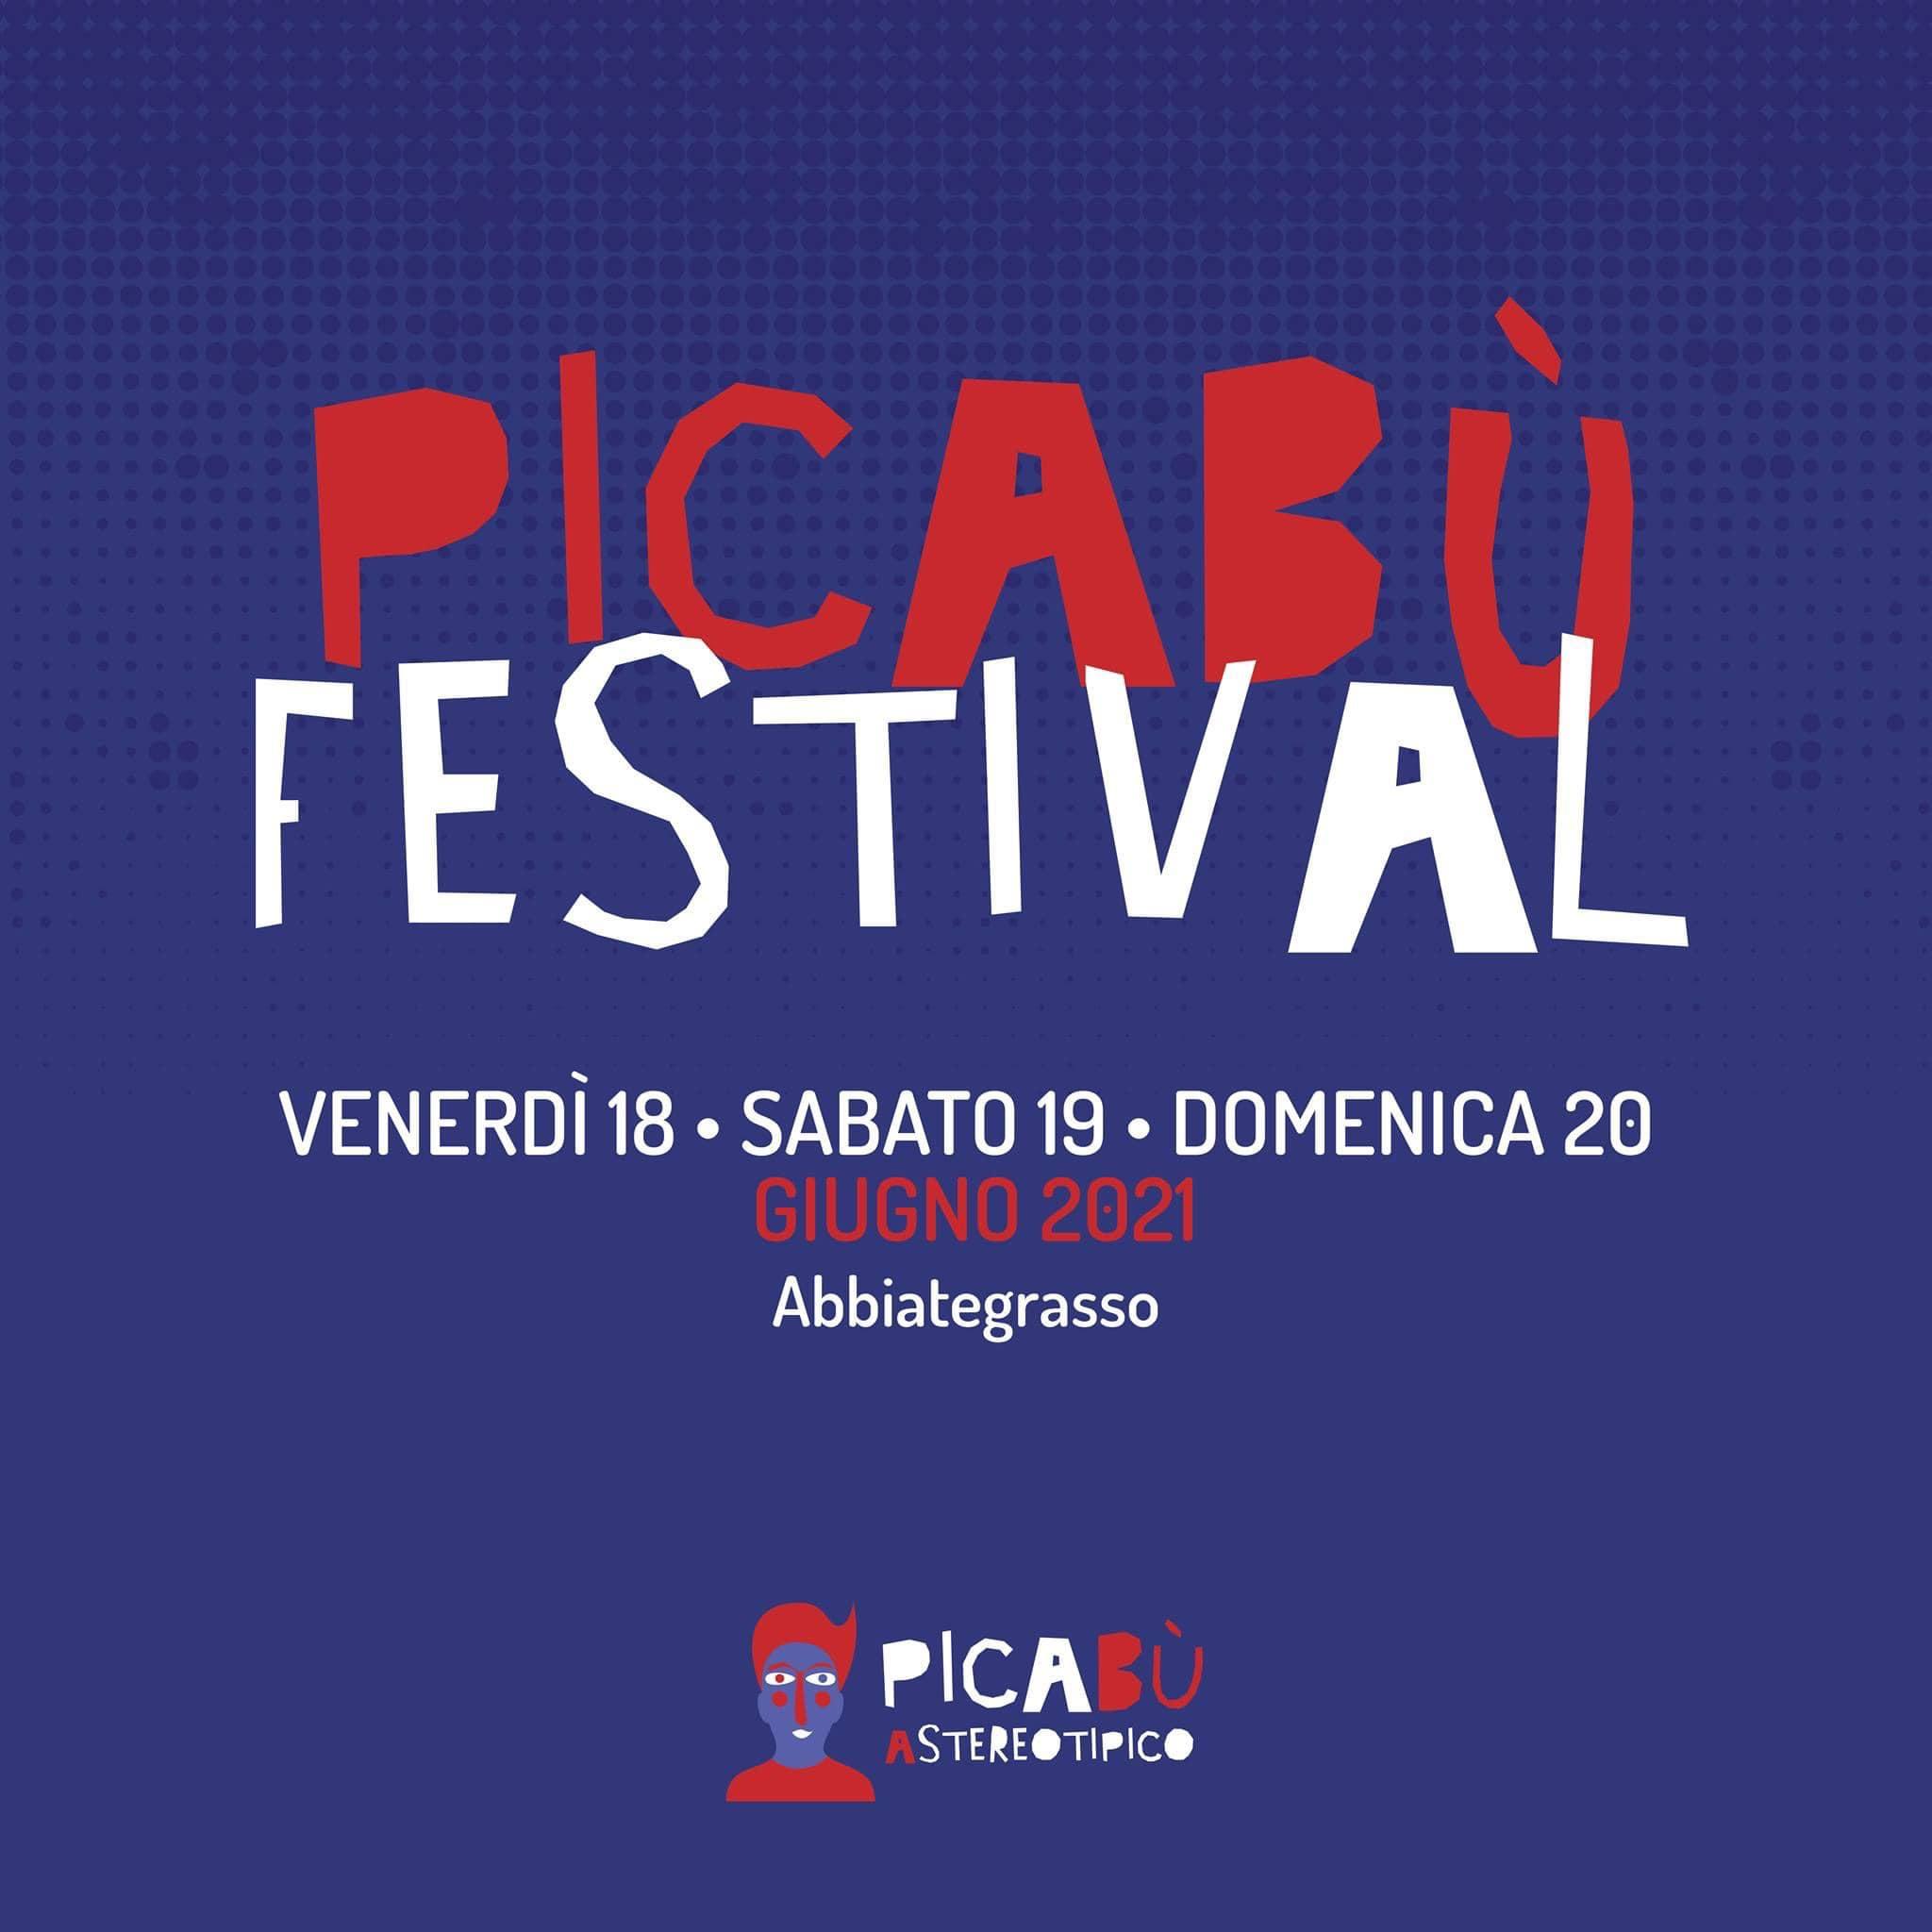 Picabù Festival: dal 18 al 20 giugno Abbiategrasso fronteggia i luoghi comuni